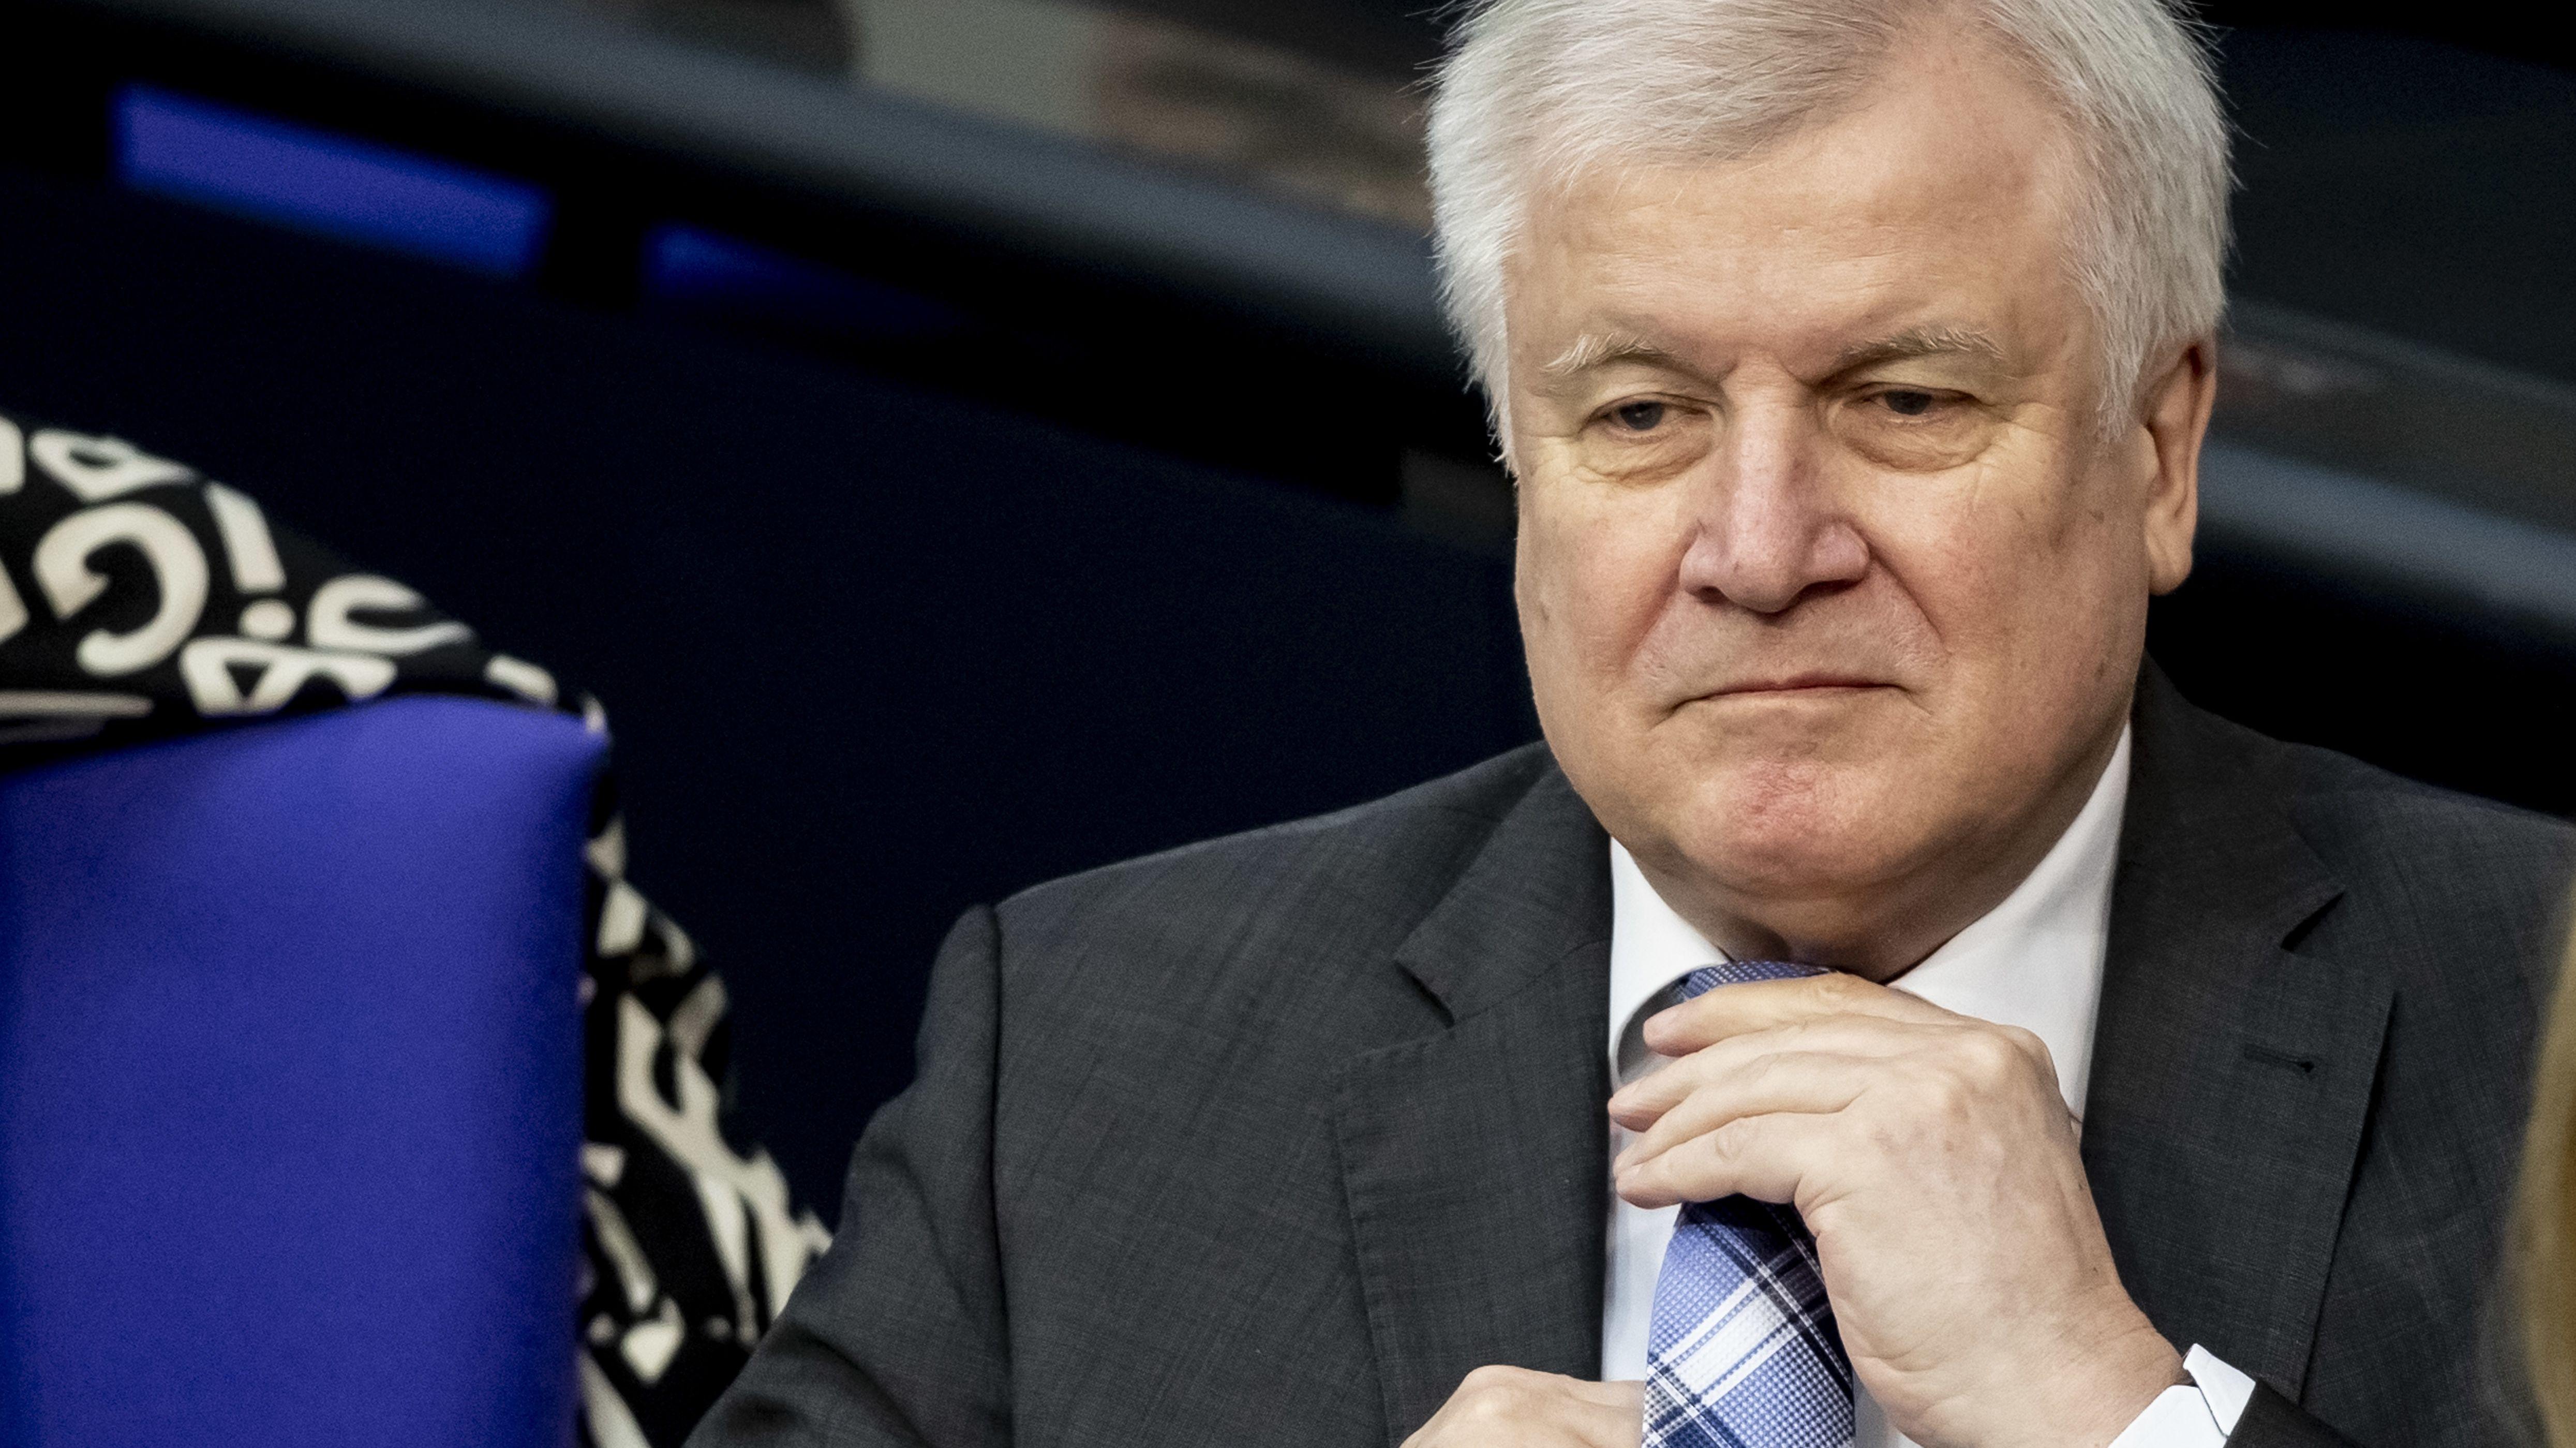 Innenminister Seehofer rückt sich im Bundestag die Krawatte zurecht